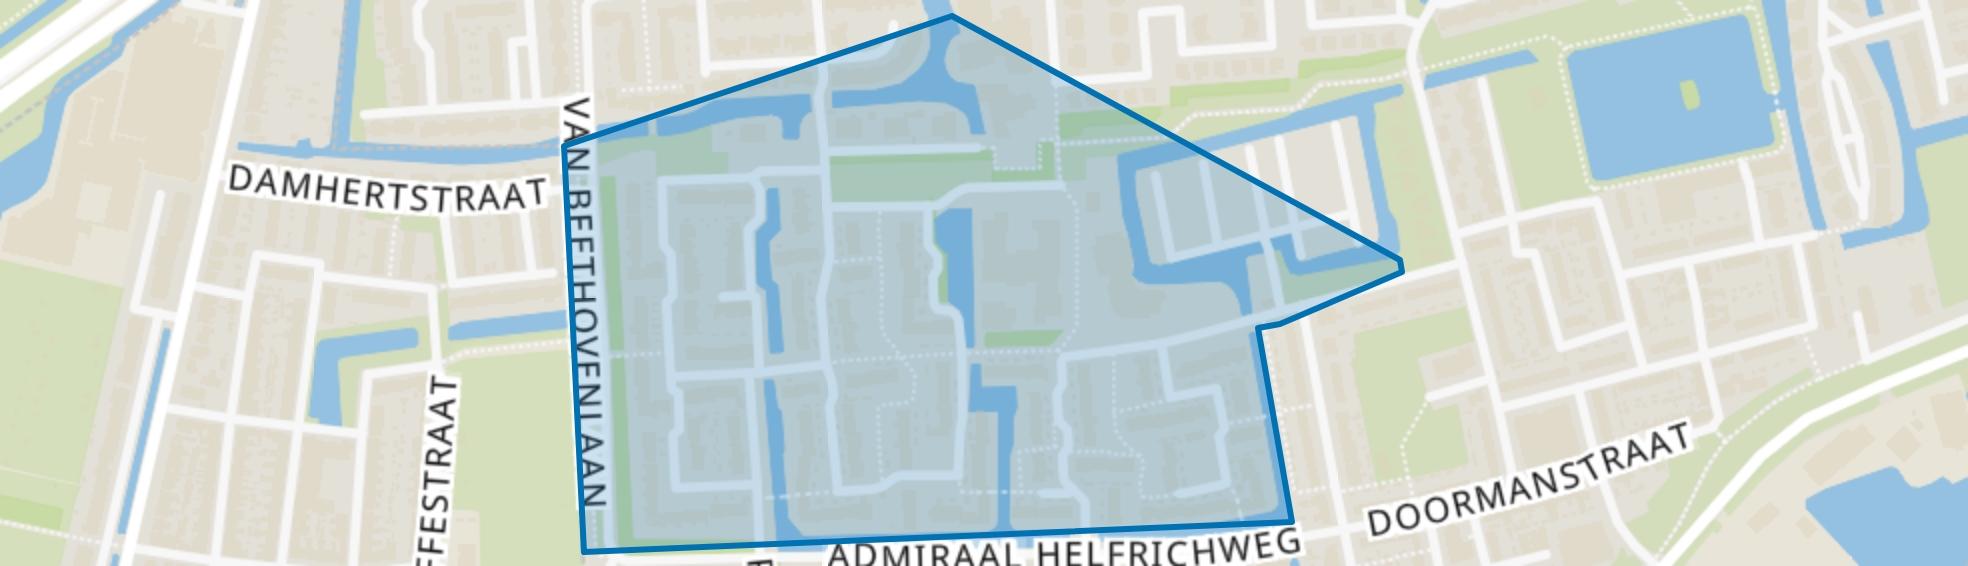 Redebuurt, Capelle aan den IJssel map